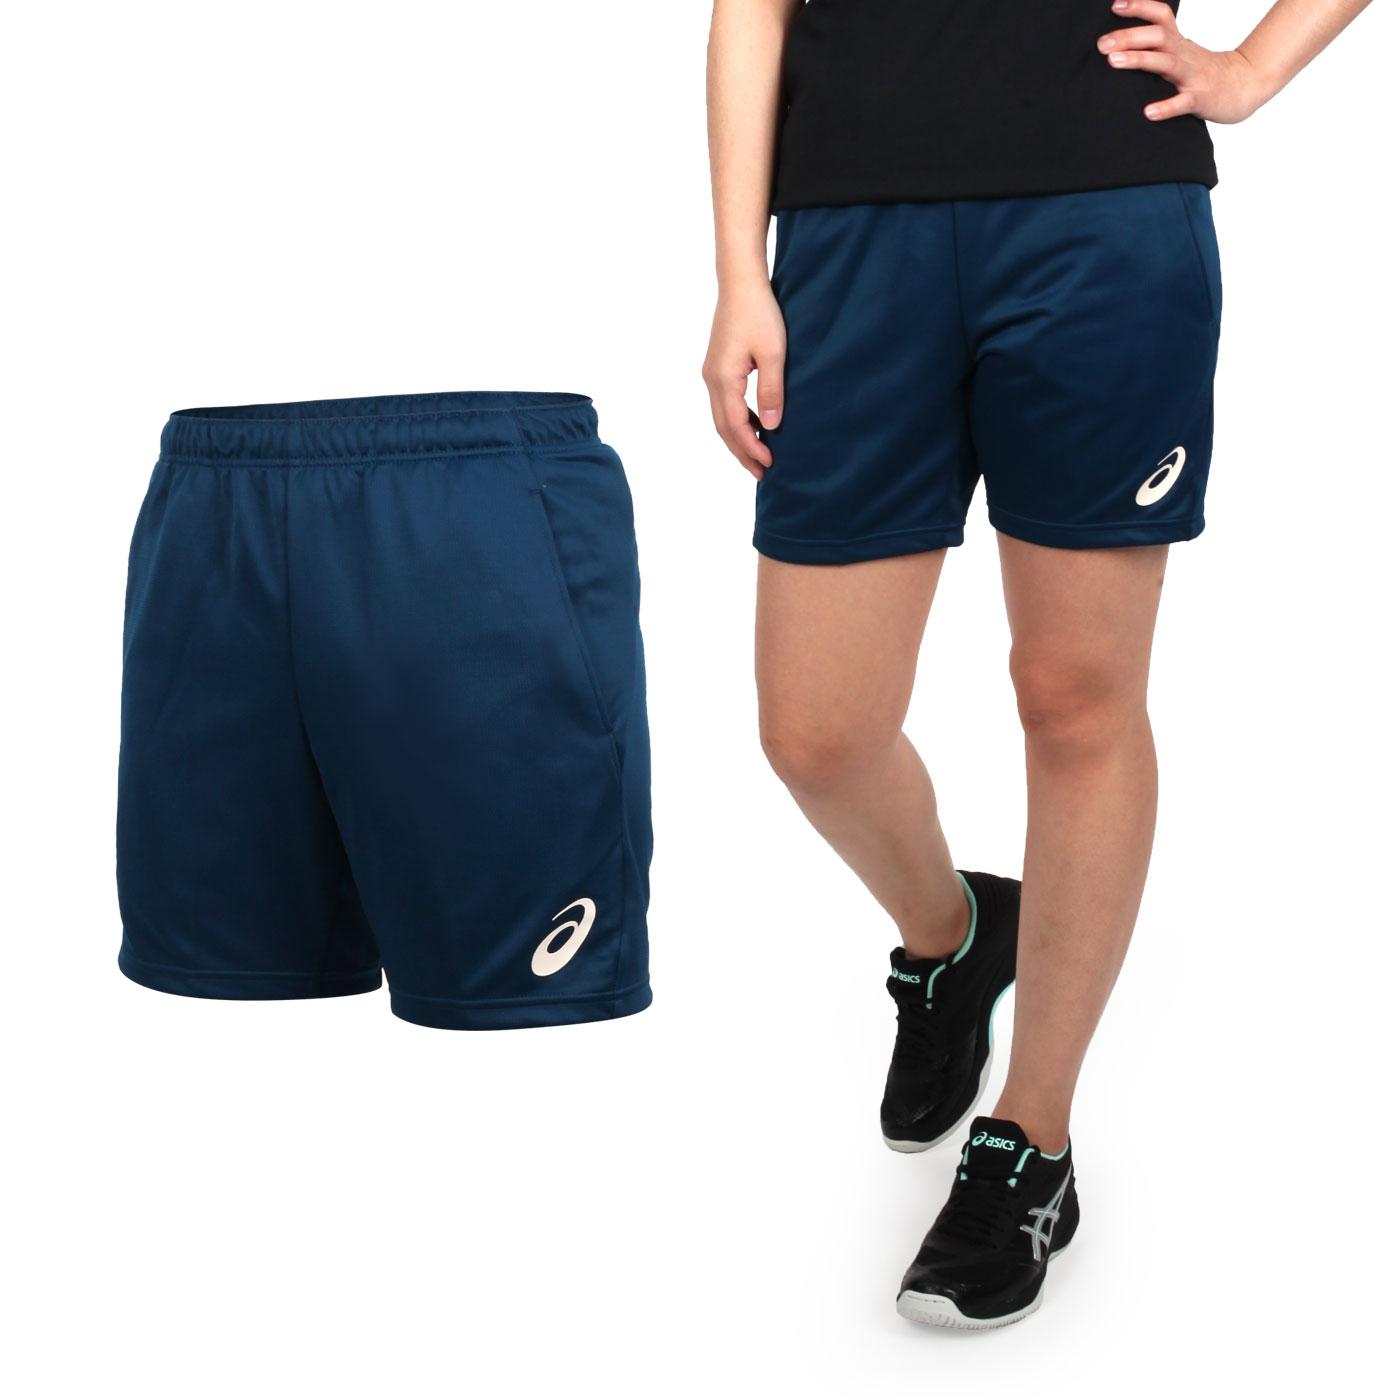 ASICS 女款排球針織短褲 2052A135-401 - 墨藍淡橘